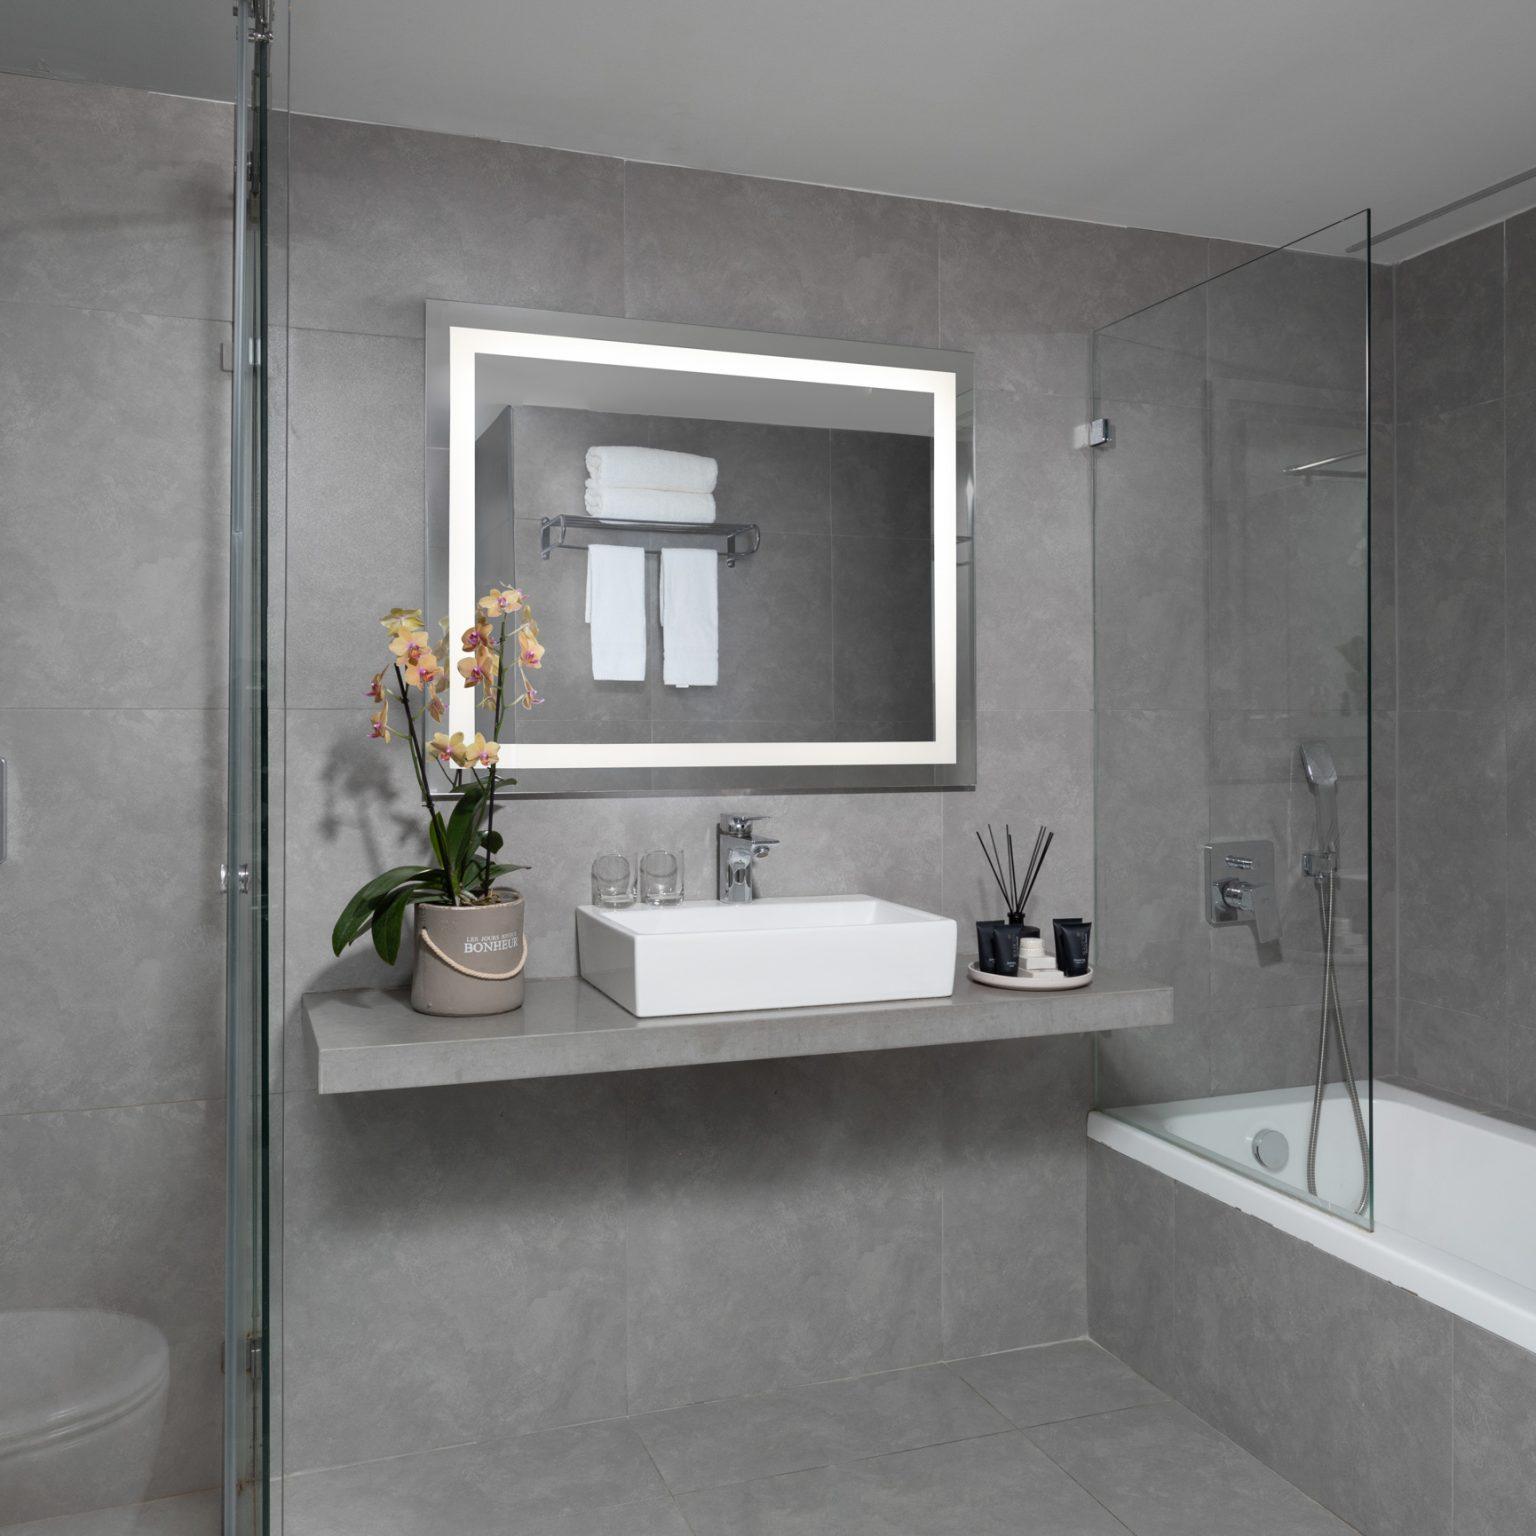 האמבטיה בחדר במלון בוטיק